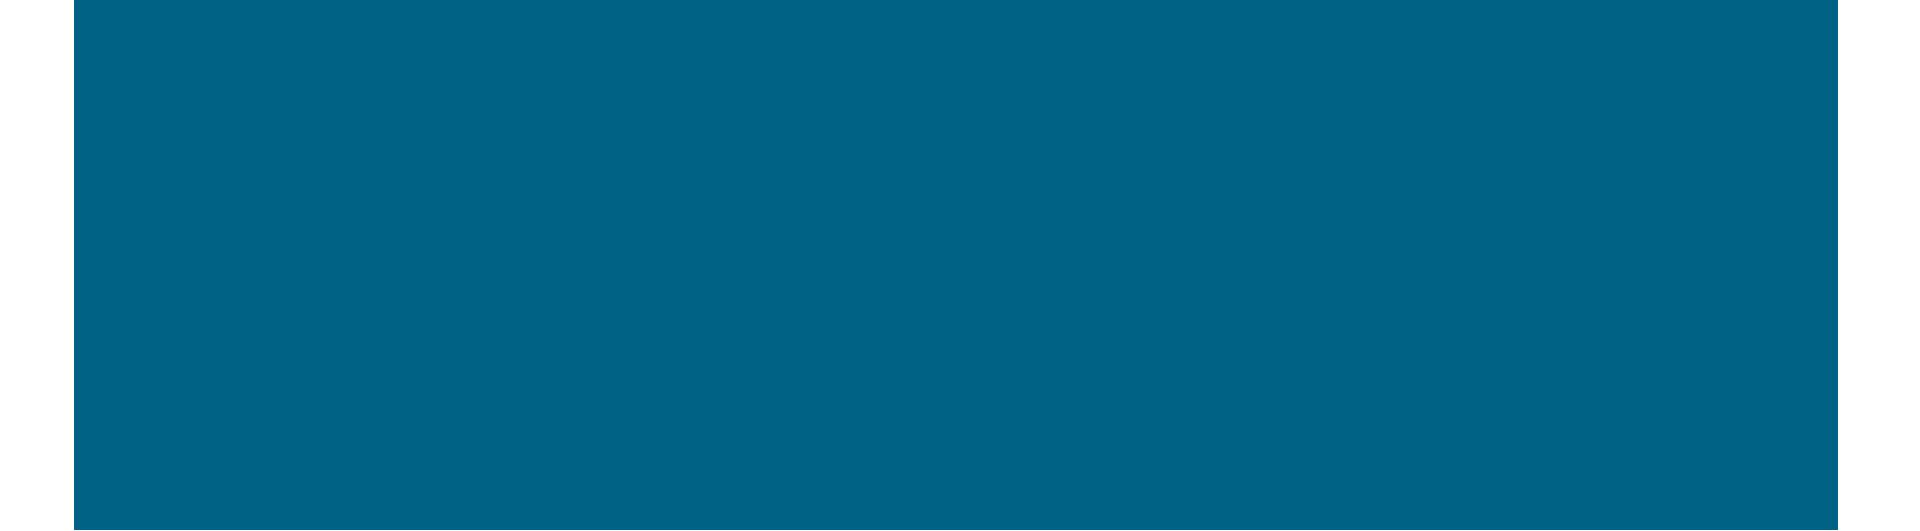 asa-logo-new.png